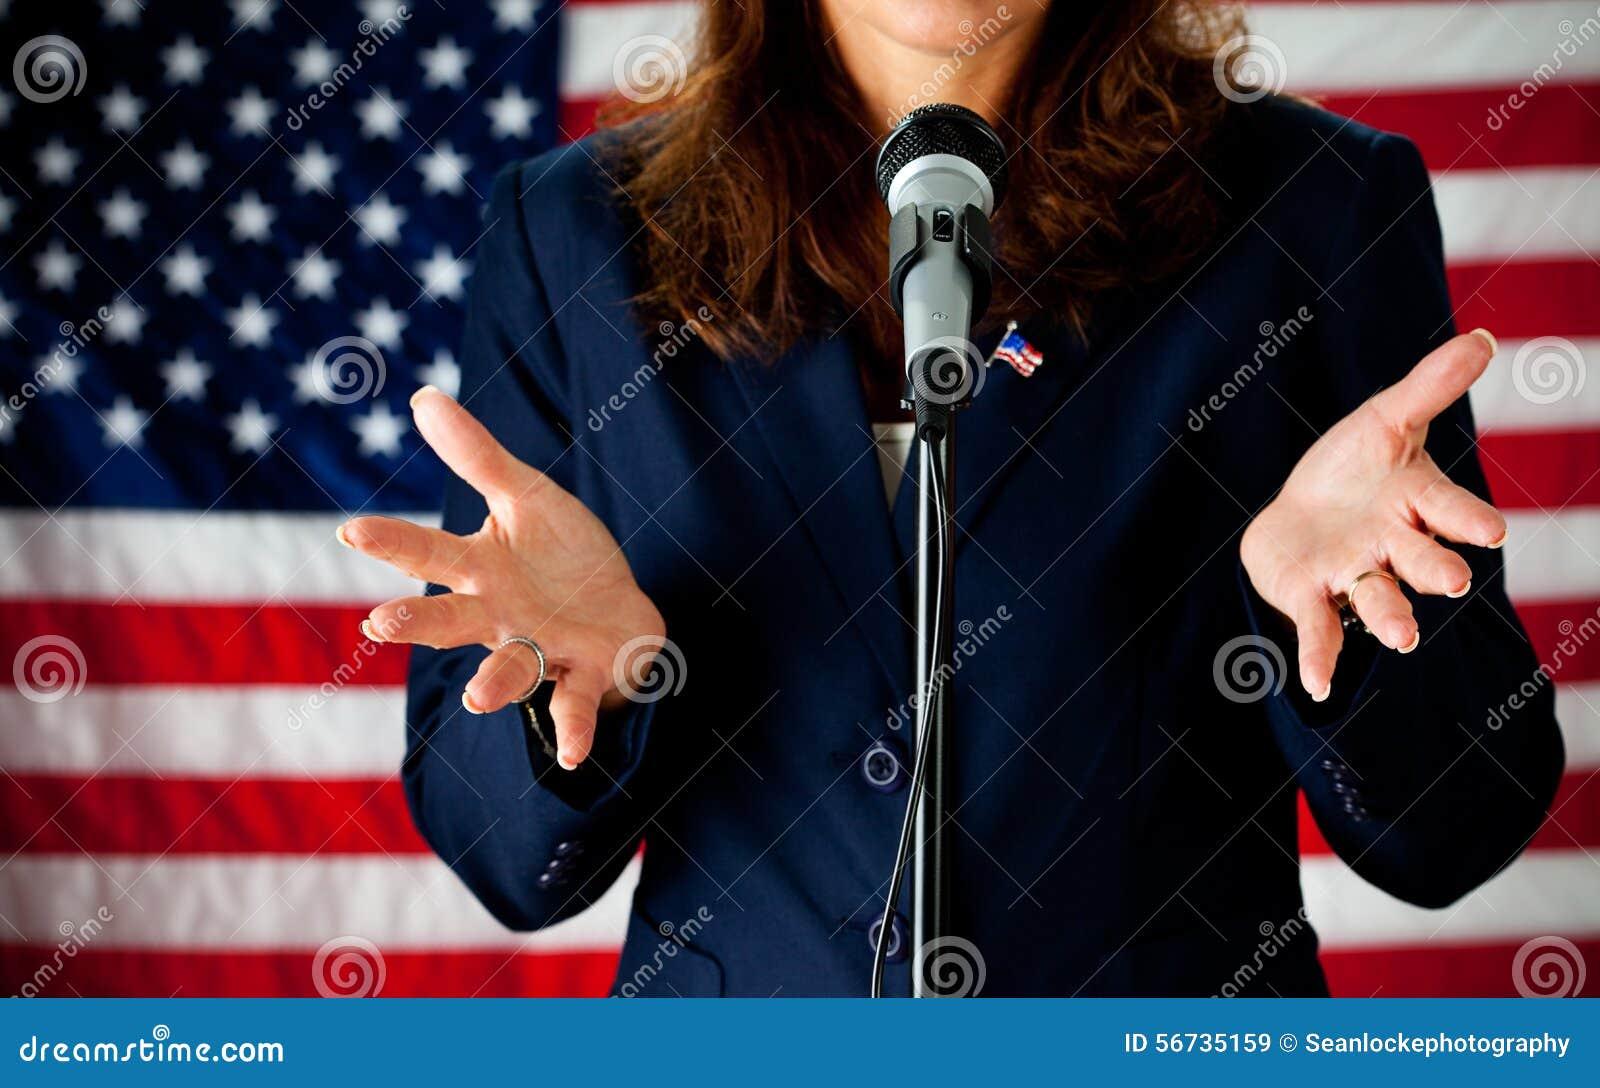 Politicien : Donner un discours